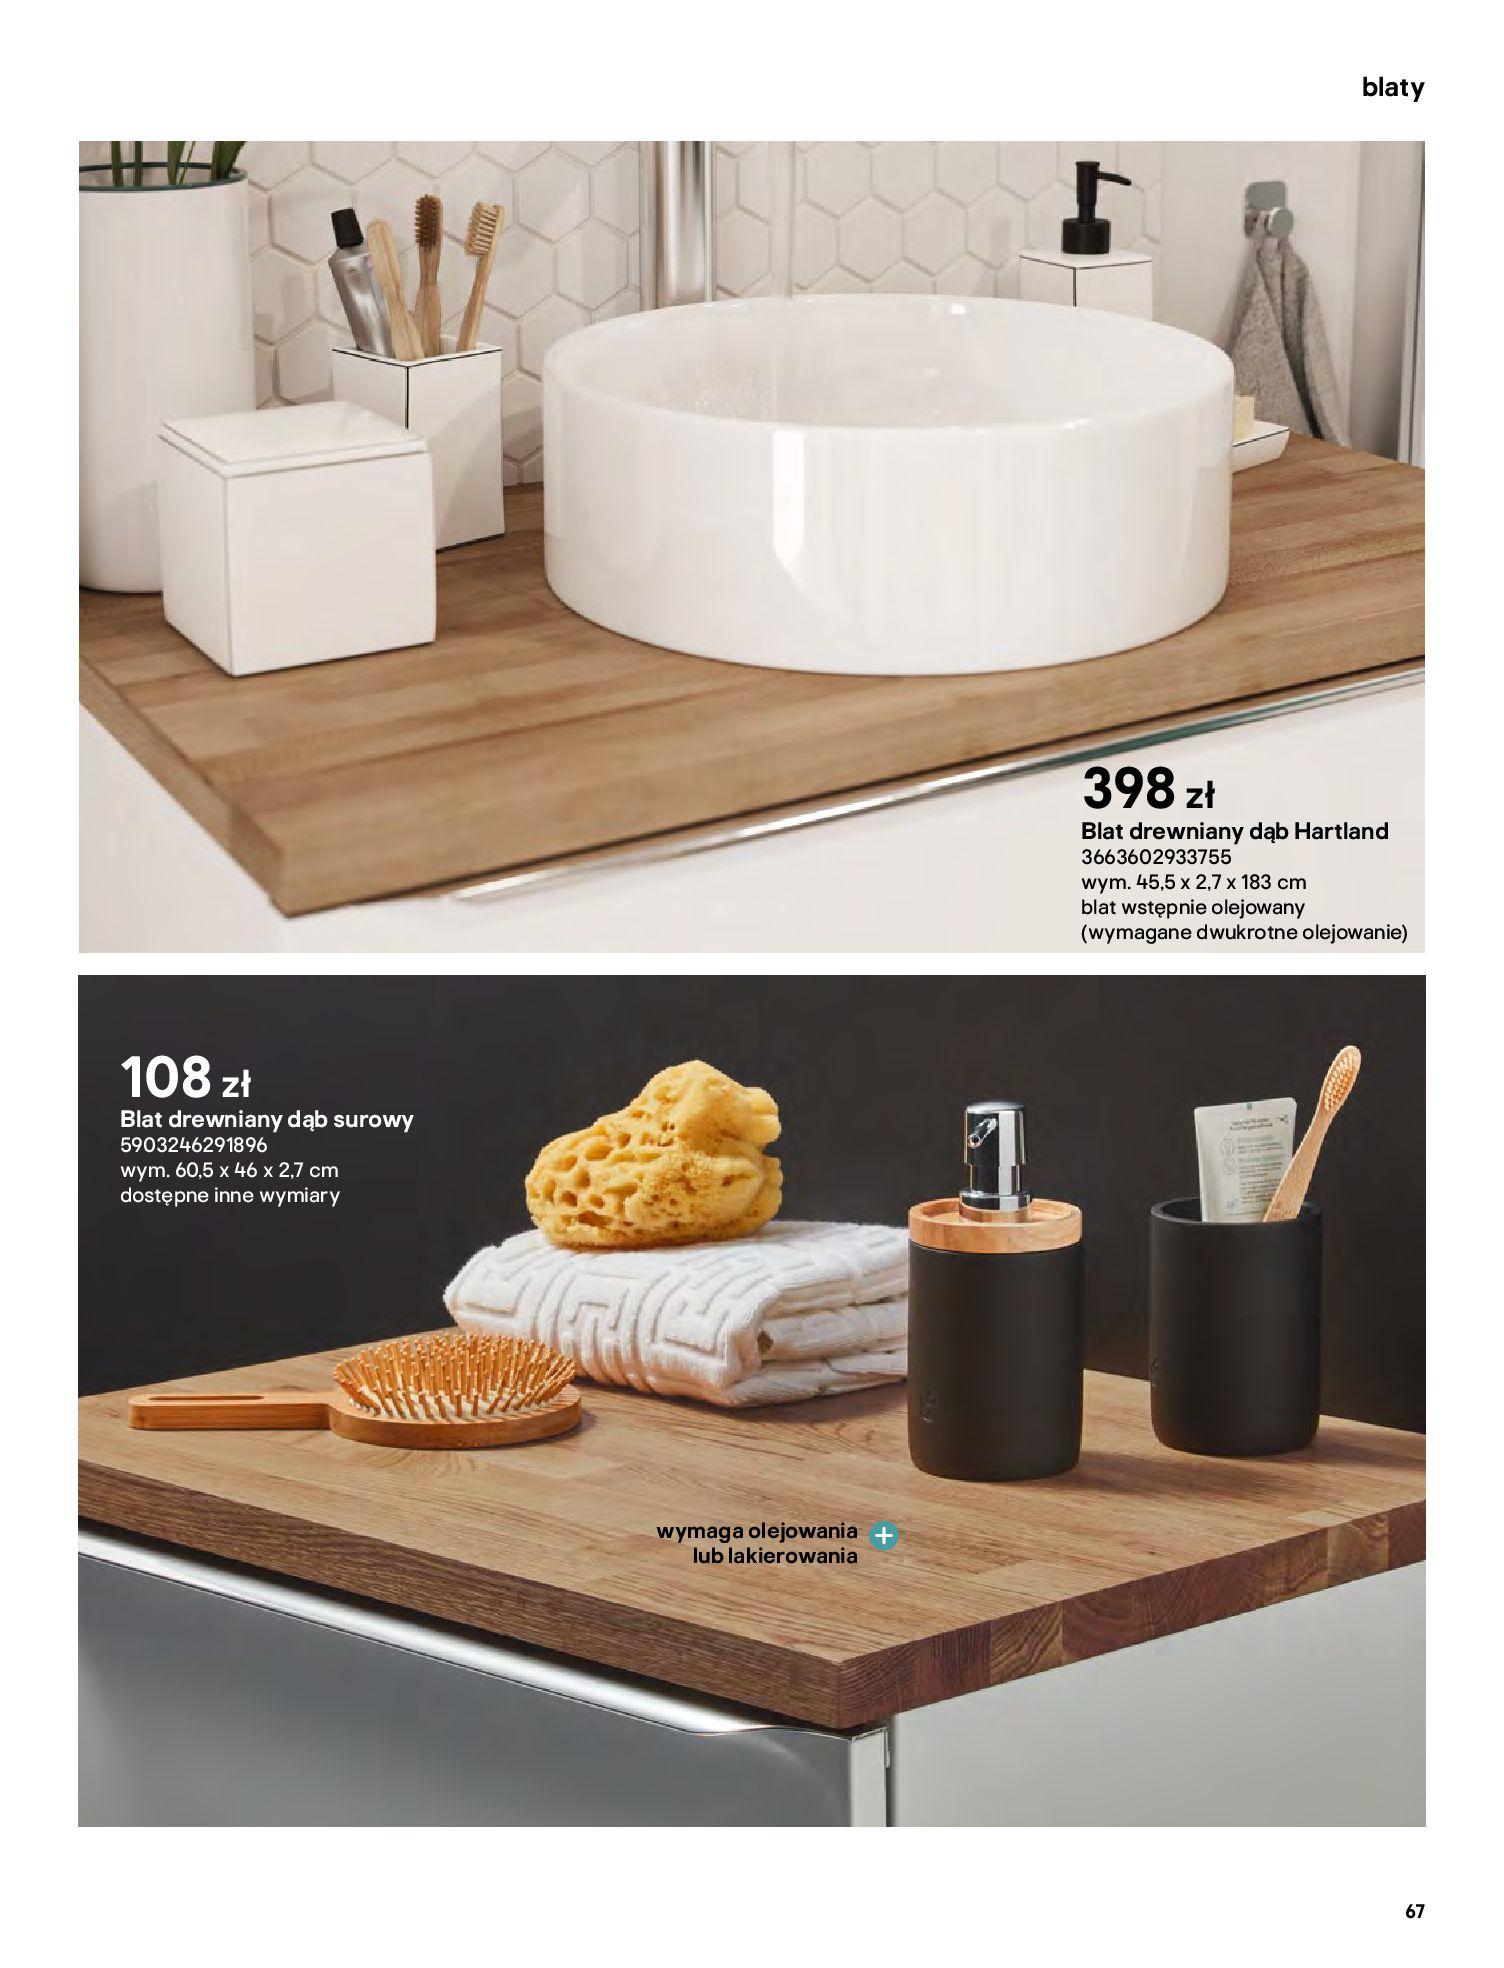 Gazetka Castorama: Gazetka Castorama - katalog łazienki 2021 2021-06-16 page-67